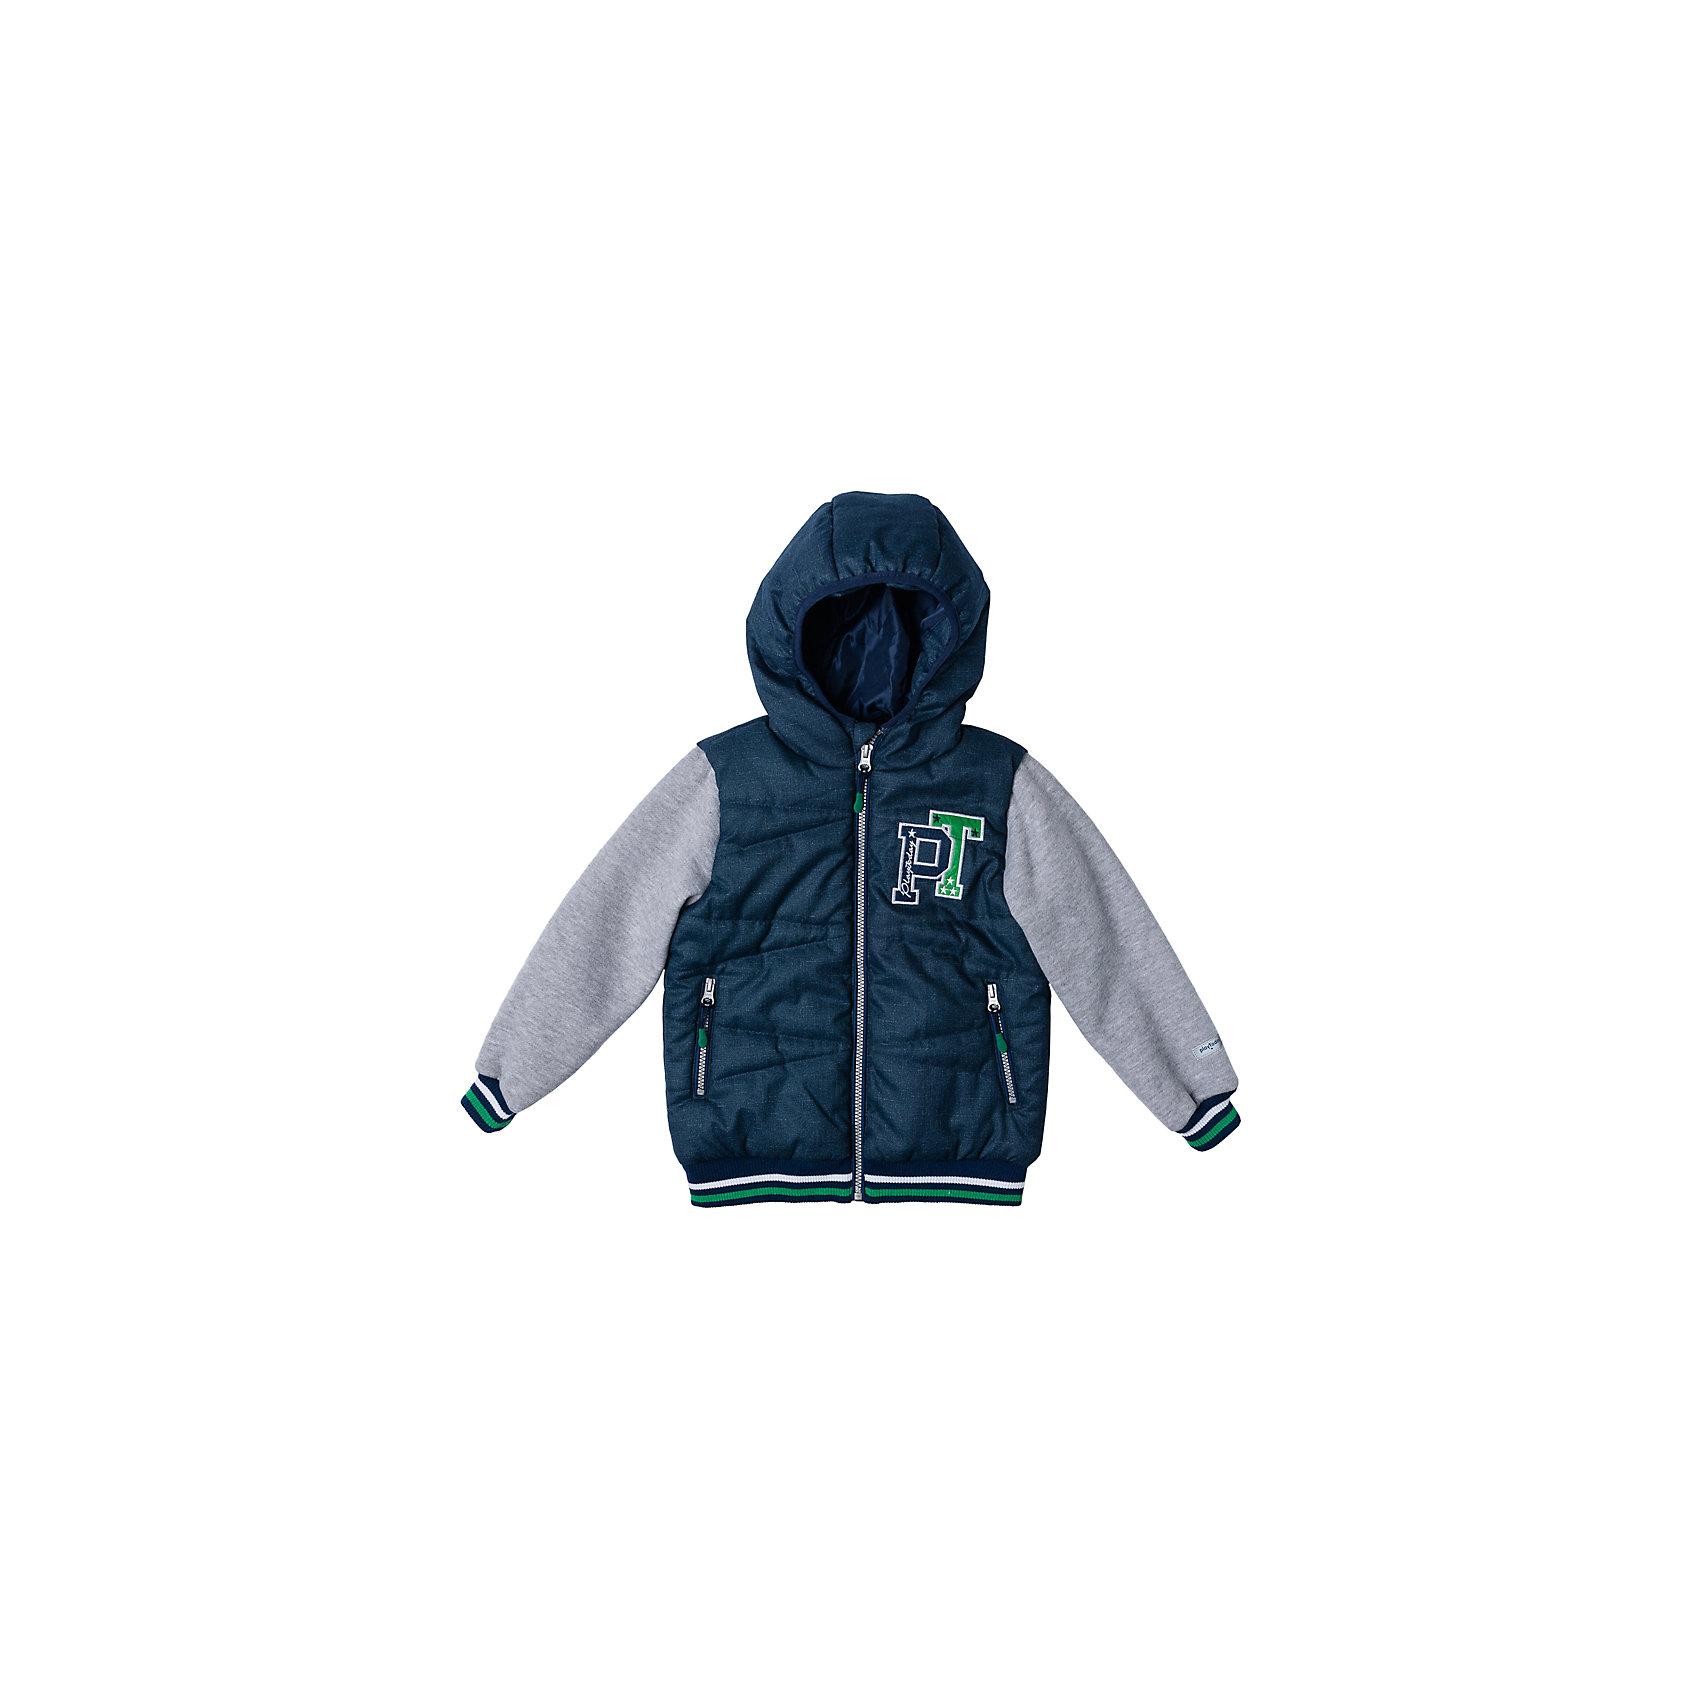 Куртка для мальчика PlayTodayВерхняя одежда<br>Куртка для мальчика PlayToday<br>Эффектная утепленная куртка с капюшоном на молнии прекрасно подойдет Вашему ребенку в прохладную погоду. Специальный карман для фиксации застежки-молнии не позволит застежке травмировать нежную кожу ребенка. Даже у самого активного ребенка капюшон не спадет с головы за счет удобной мягкой резинки. Наличие светооражателя на подоле позволит видеть Вашего ребенка в темное время суток. За счет рукавов из текстиля с начесом, такая куртка будет уместна и в прохладную погоду. Куртка украшена яркой аппликацией. <br><br>Преимущества: <br><br>Защита подбородка. Специальный карман для фиксации застежки-молнии. Наличие данного кармана не позволит застежке -молнии травмировать нежную кожу ребенка<br>Капюшон на мягкой резинке <br>Светооражатель на подоле <br>Карманы на молнии <br>Рукава с начесом <br>Водоотталкивающая пропитка (кроме рукавов) <br>Яркая аппликация <br><br>Состав:<br>Верх: 100% полиэстер, Подкладка: 100% полиэстер, Наполнитель: 100% полиэстер, 150 г/м2<br><br>Ширина мм: 356<br>Глубина мм: 10<br>Высота мм: 245<br>Вес г: 519<br>Цвет: белый<br>Возраст от месяцев: 60<br>Возраст до месяцев: 72<br>Пол: Мужской<br>Возраст: Детский<br>Размер: 128,98,104,110,116,122<br>SKU: 5401901